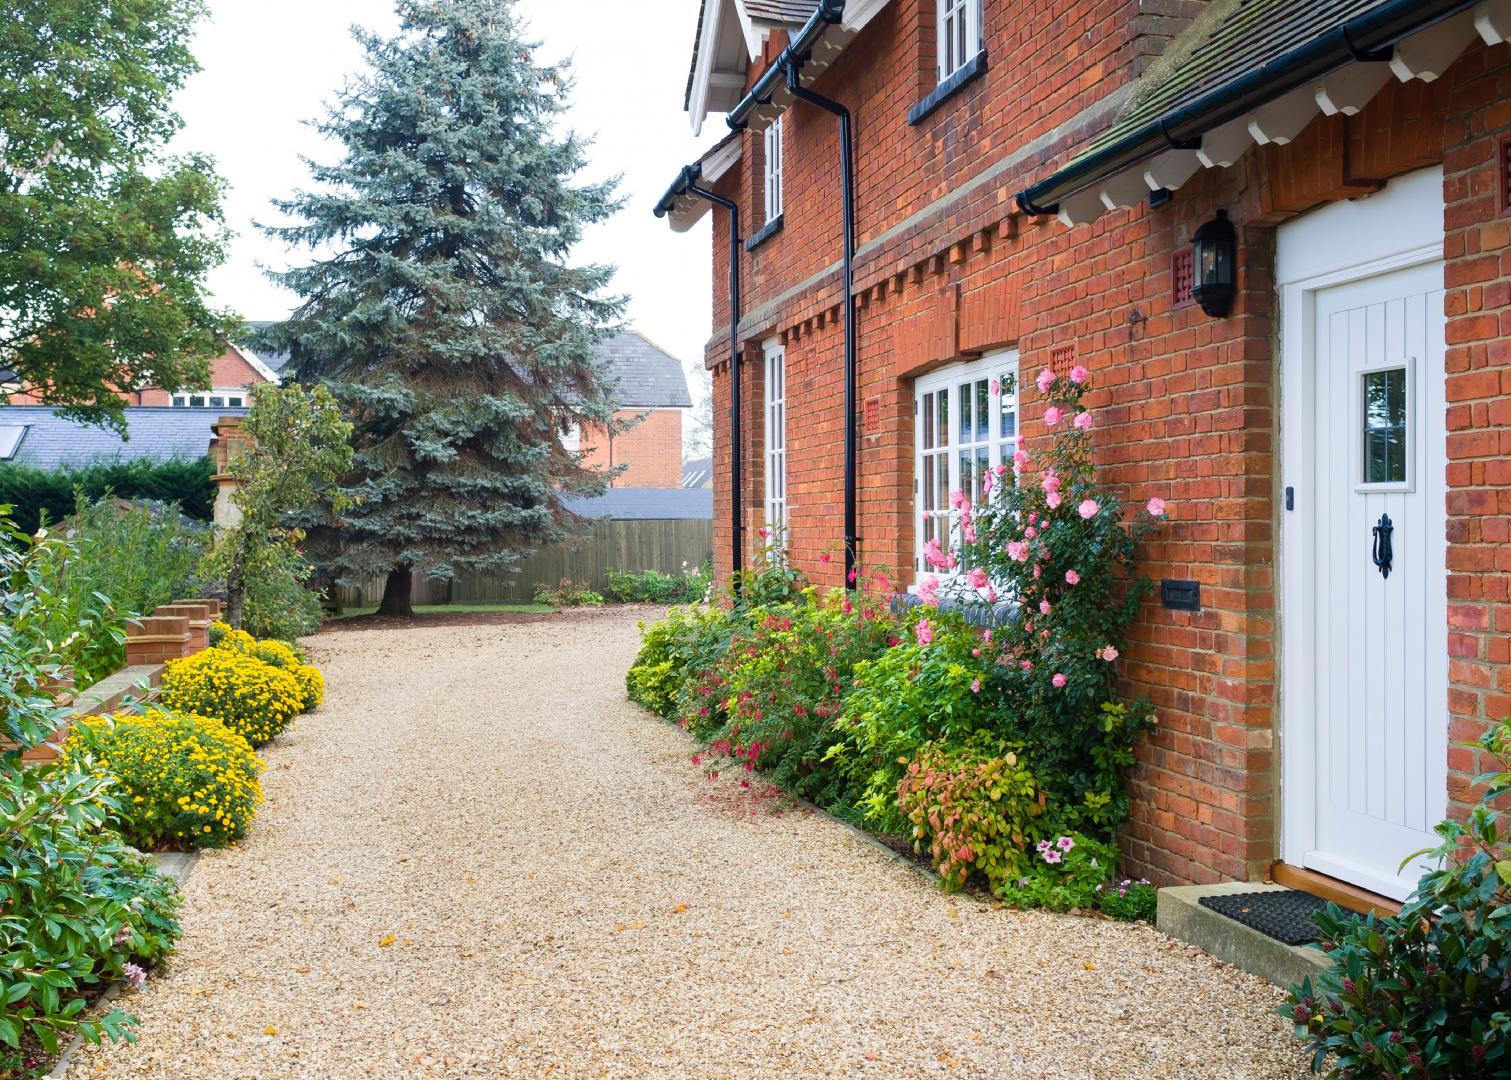 Home & Garden in Bilbrough